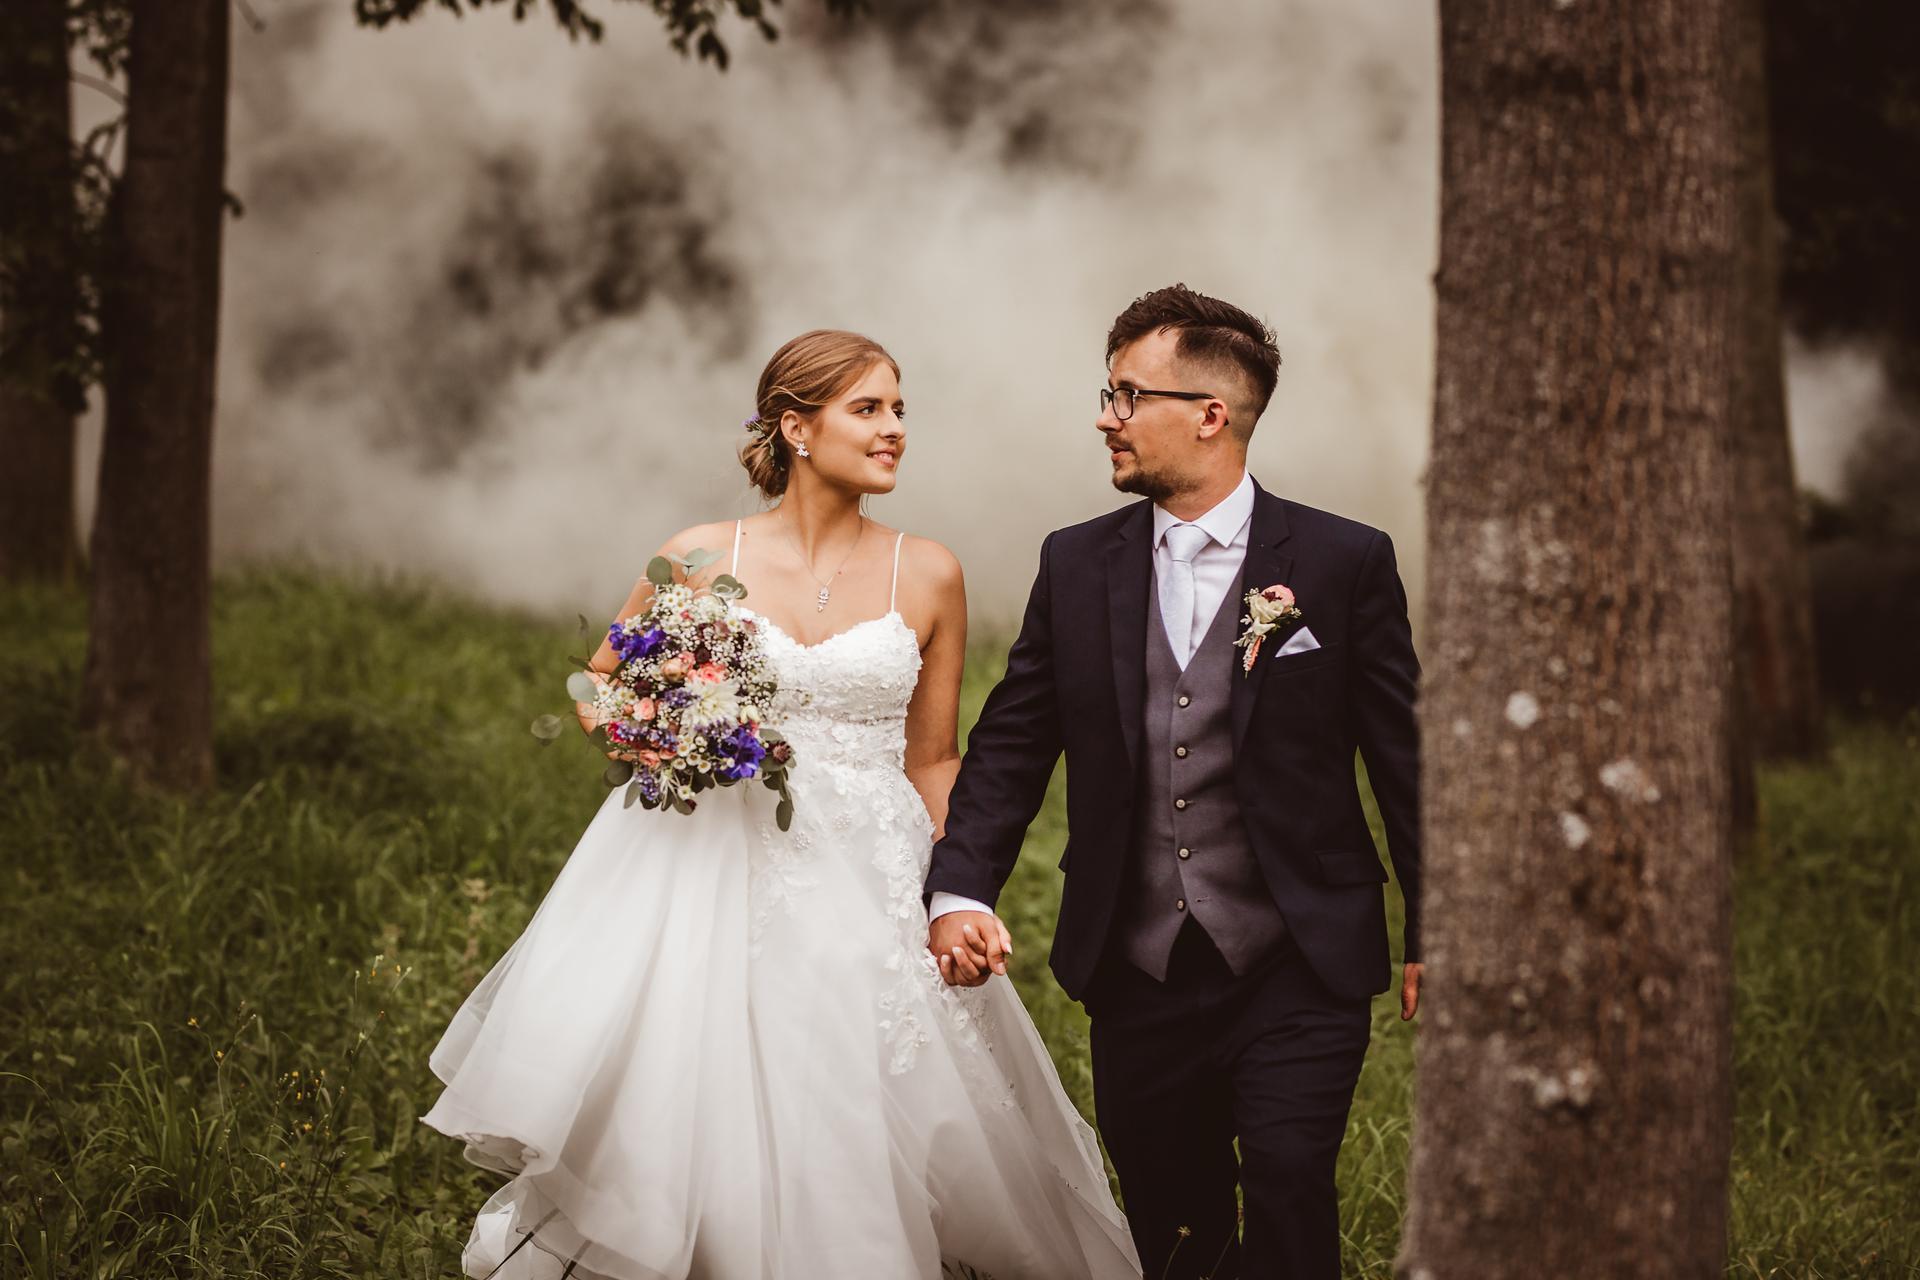 Jsem svatební fotografka a nabízím VOLNÉ termíny 2021! Koukněte na mou práci: https://www.michaelabalazova.cz/svatebni-fotografie/ - Obrázek č. 2